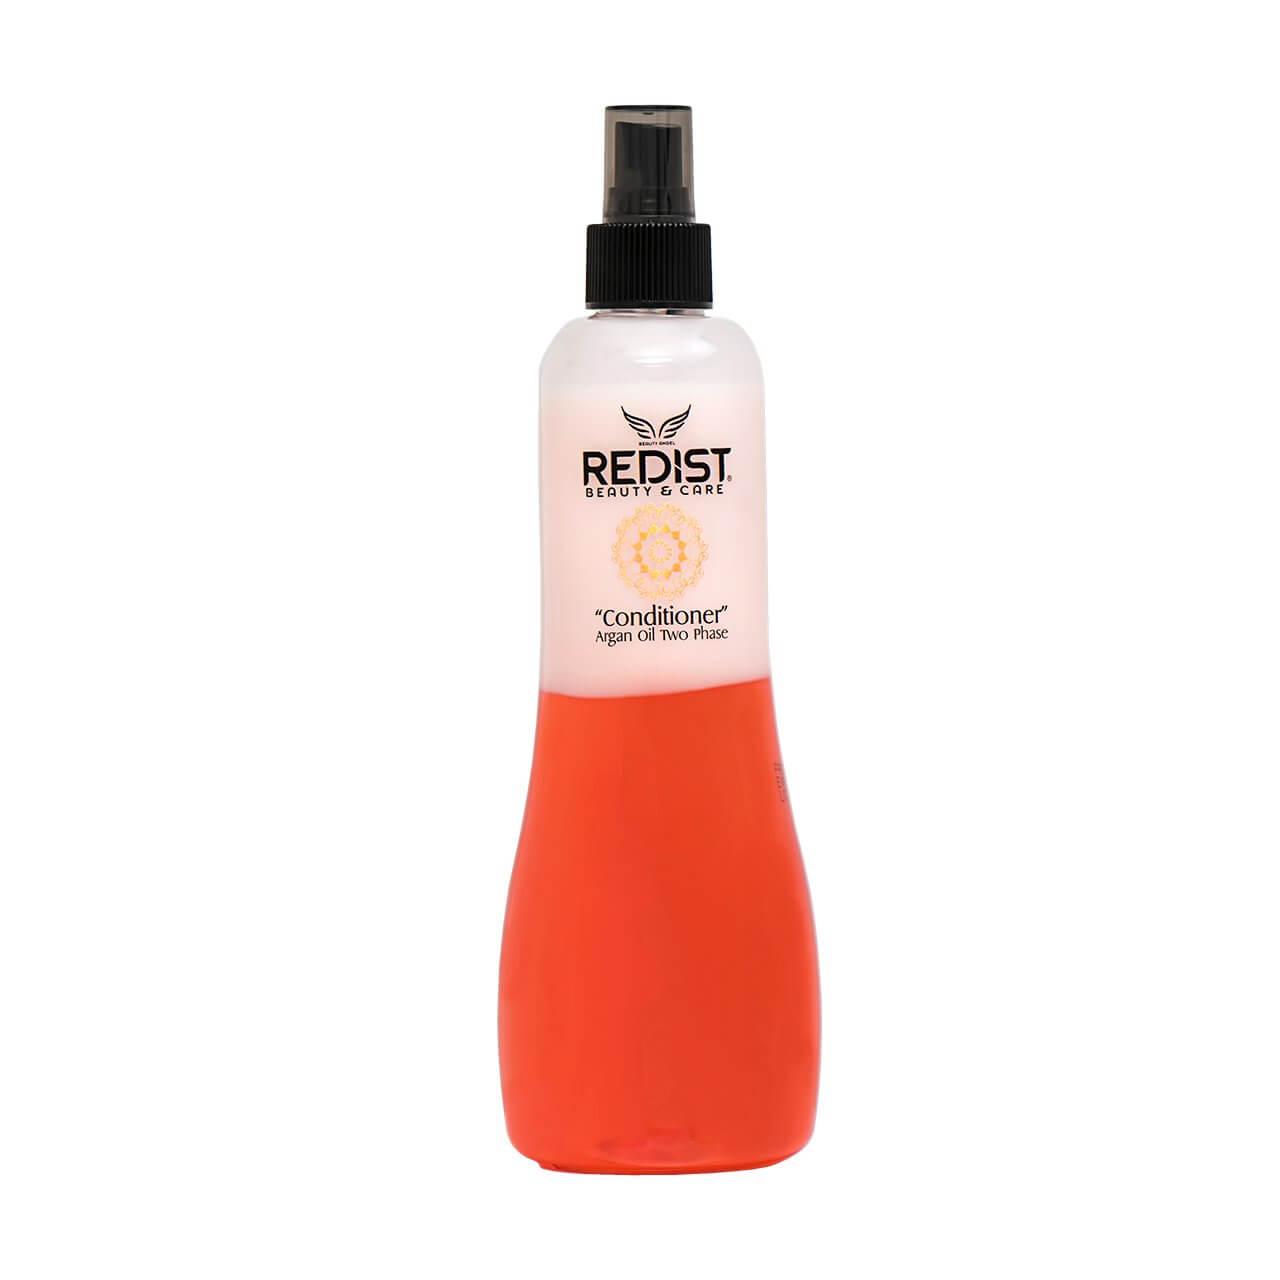 اسپری نرم کننده دو فاز آرگان ردیست Argan Oil Hair Conditioner 400ml